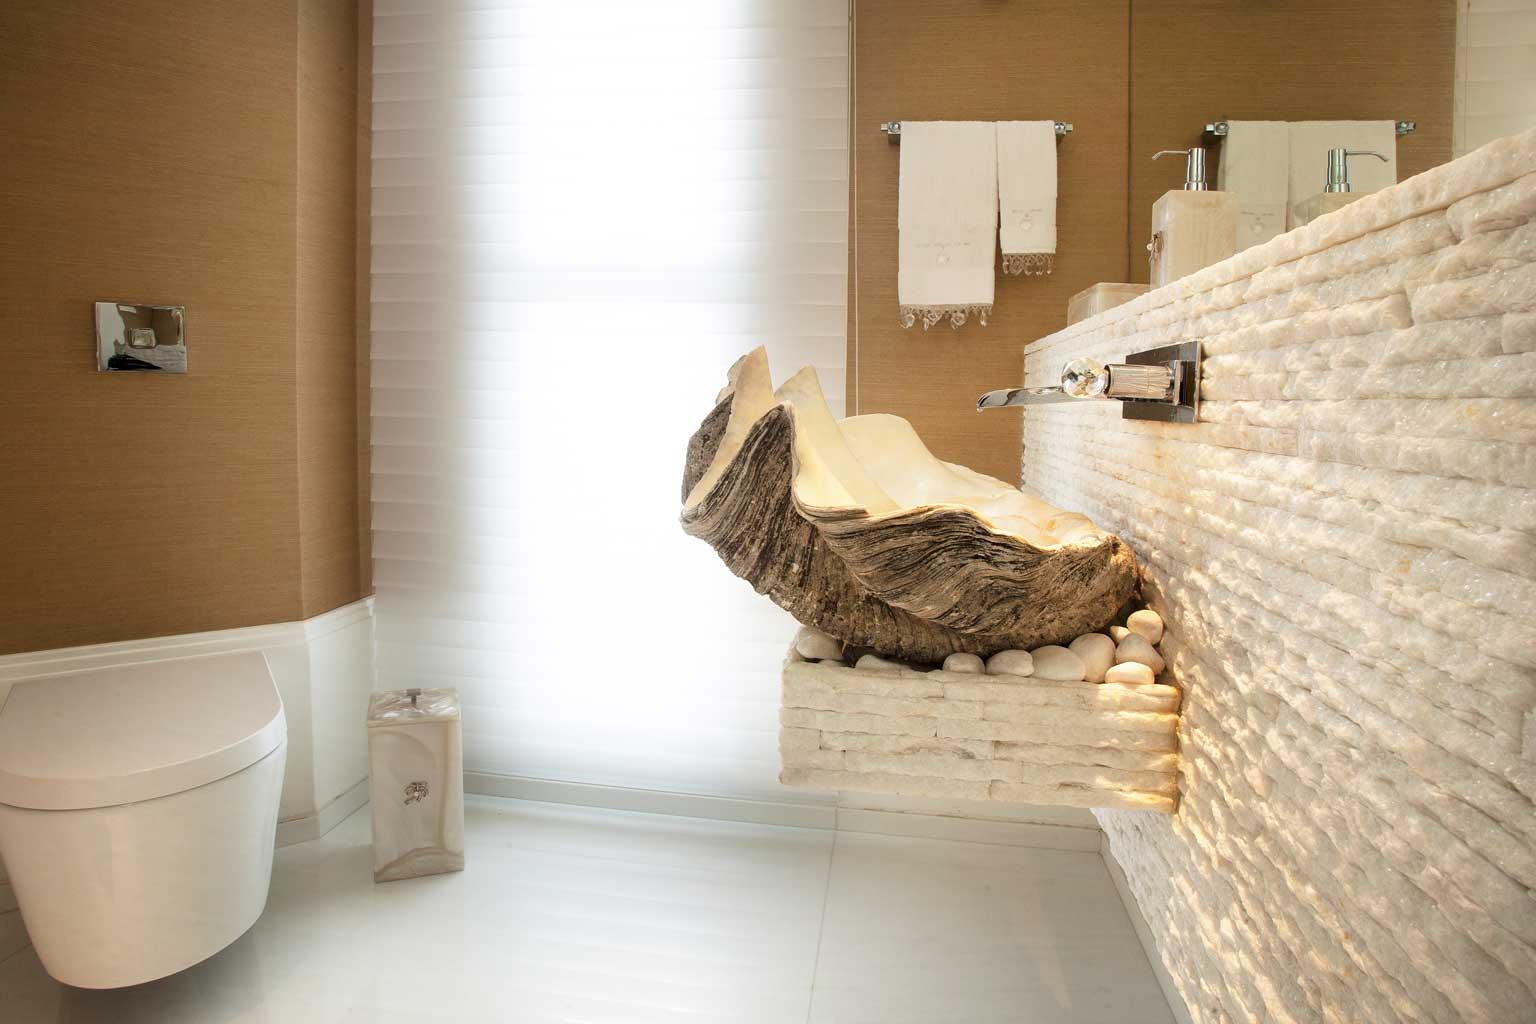 Lavabo com com bacia suspensa. Destaque para a cuba de concha (com 400  #694A28 1536x1024 Bancada Banheiro Cimento Queimado